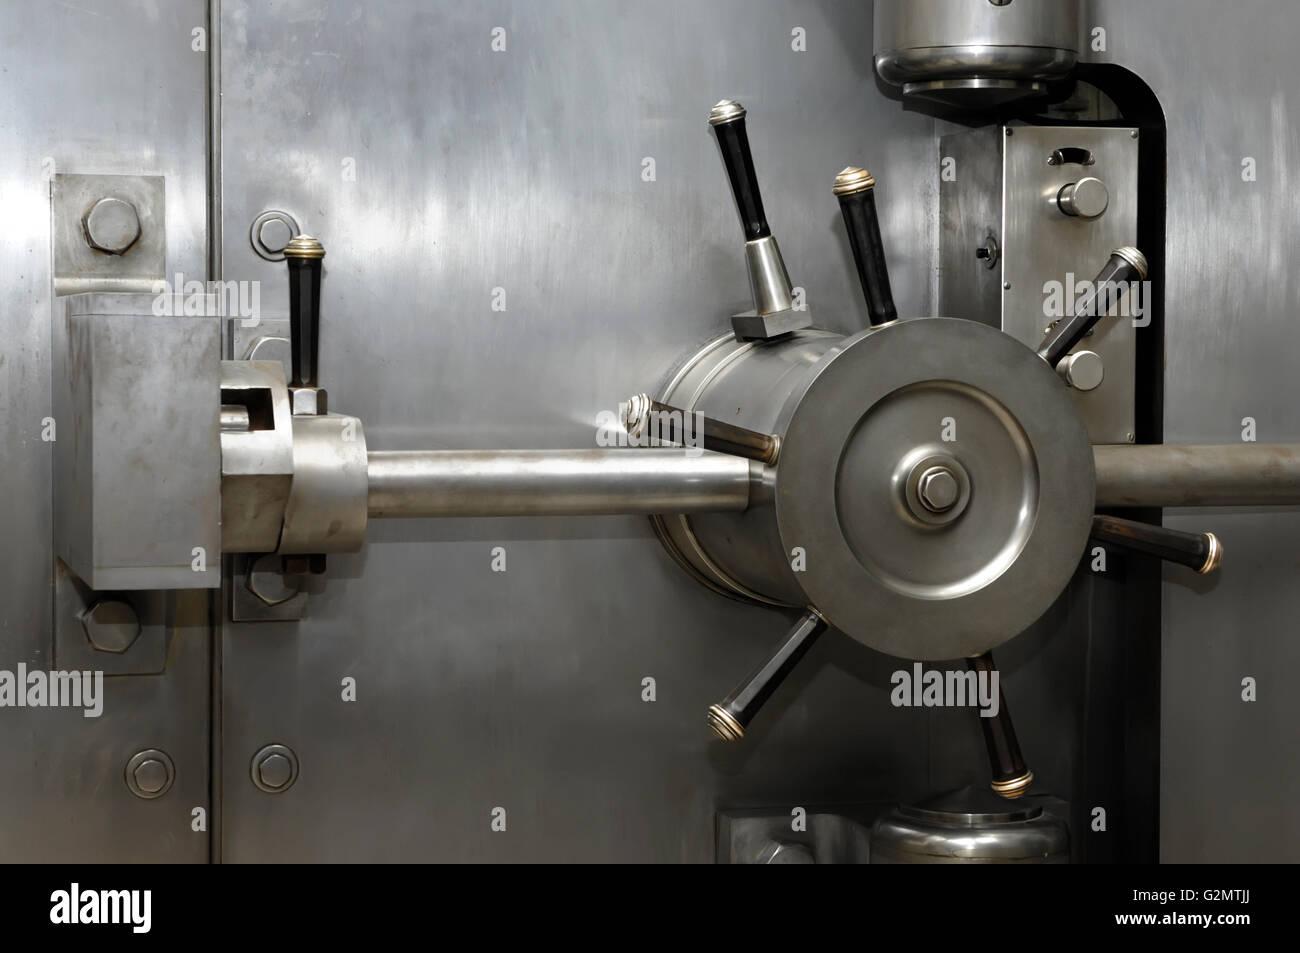 Banque en acier inoxydable serrure de porte de chambre forte Banque ...